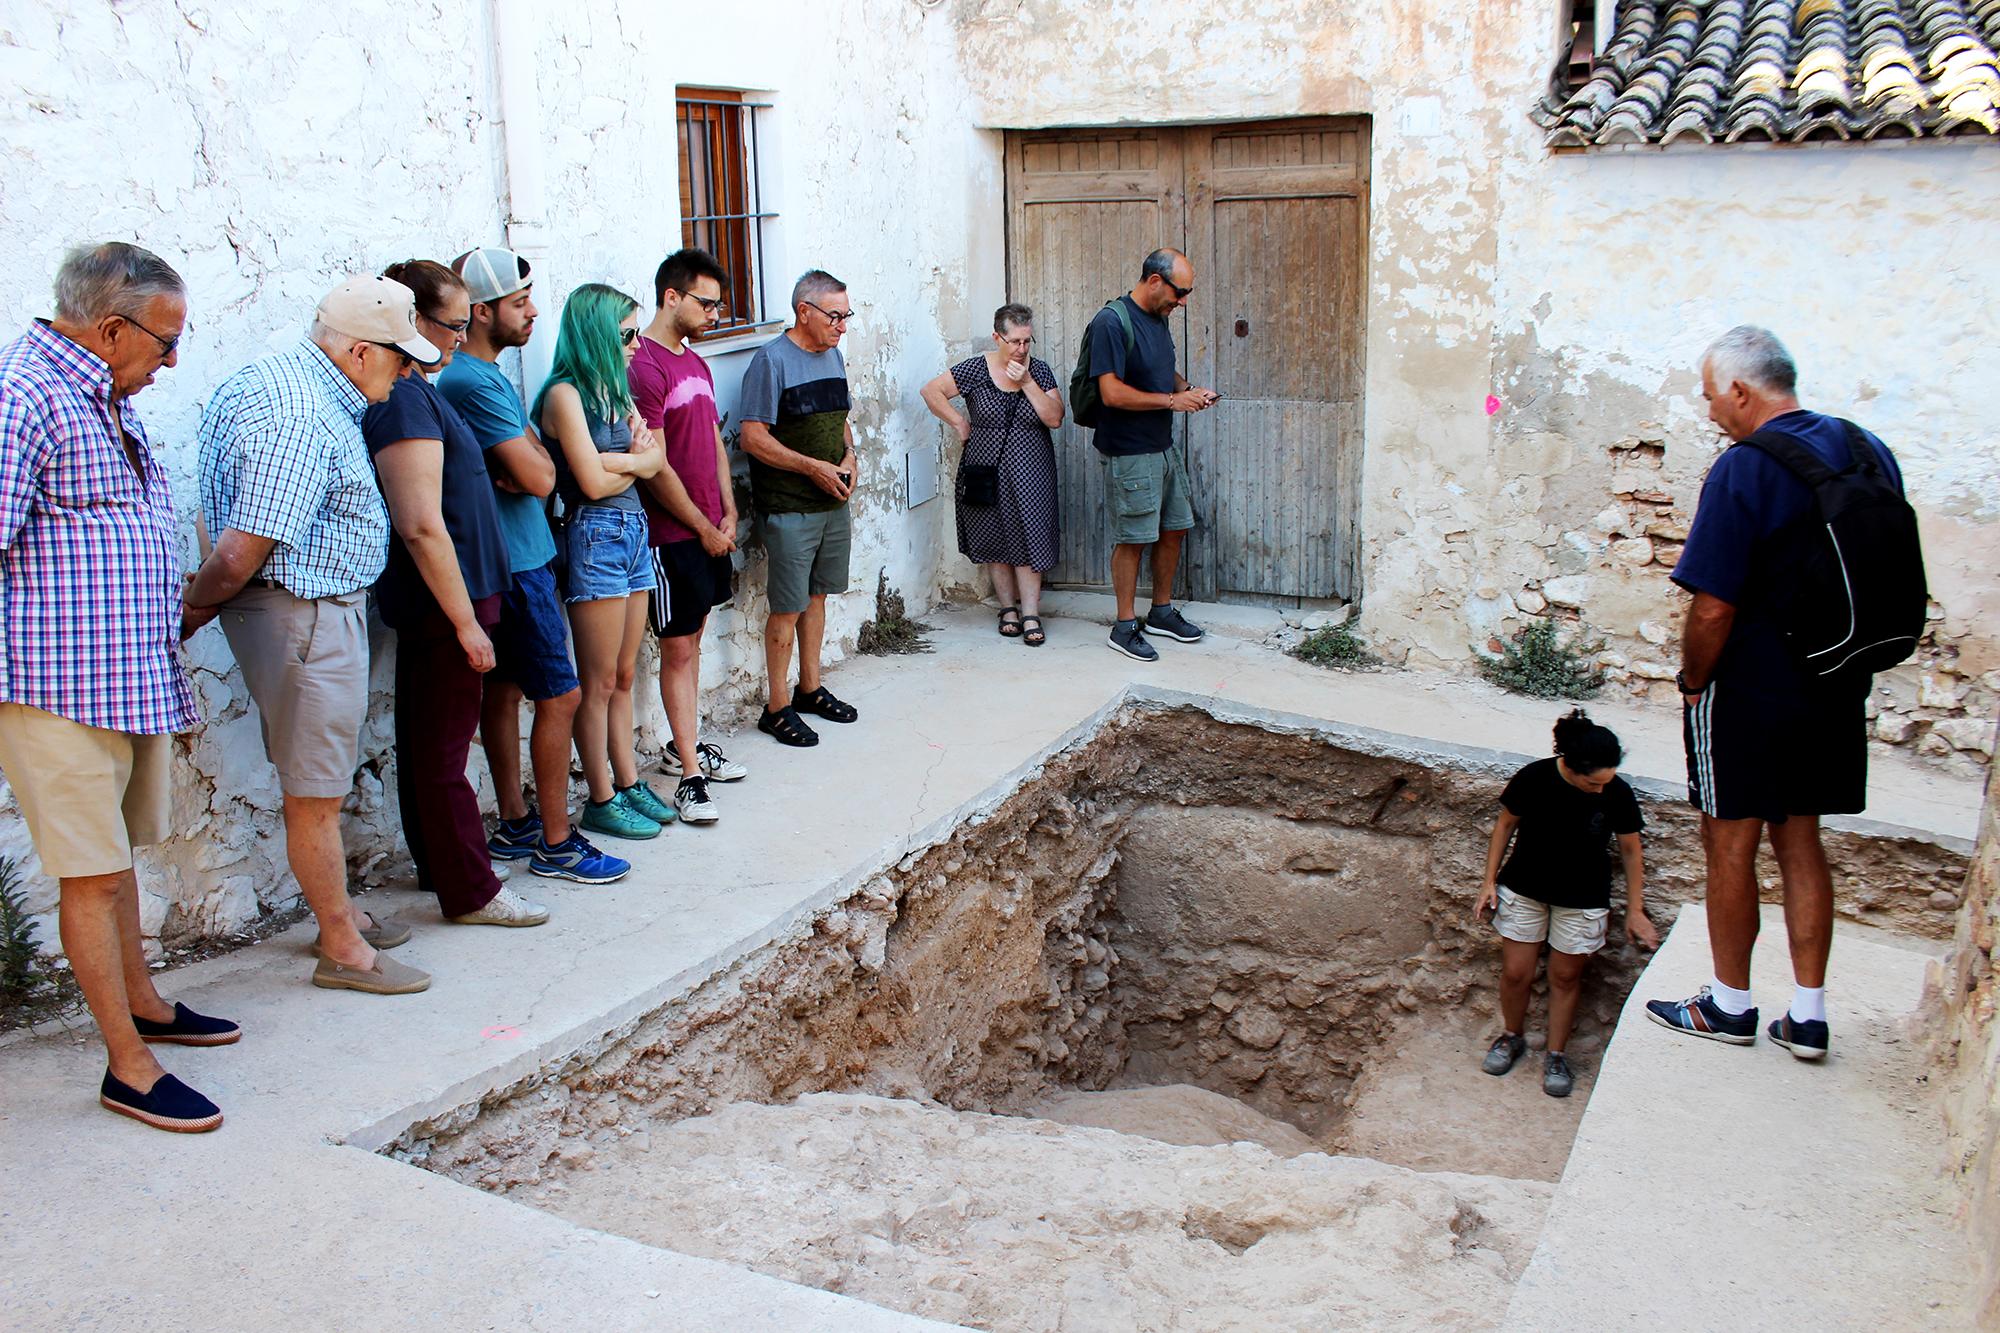 Divendres passat i hui, dilluns, més de 70 veïns i veïnes del municipi han visitat les prospeccions arqueològiques que estan fent-se a la plaça del Castell.